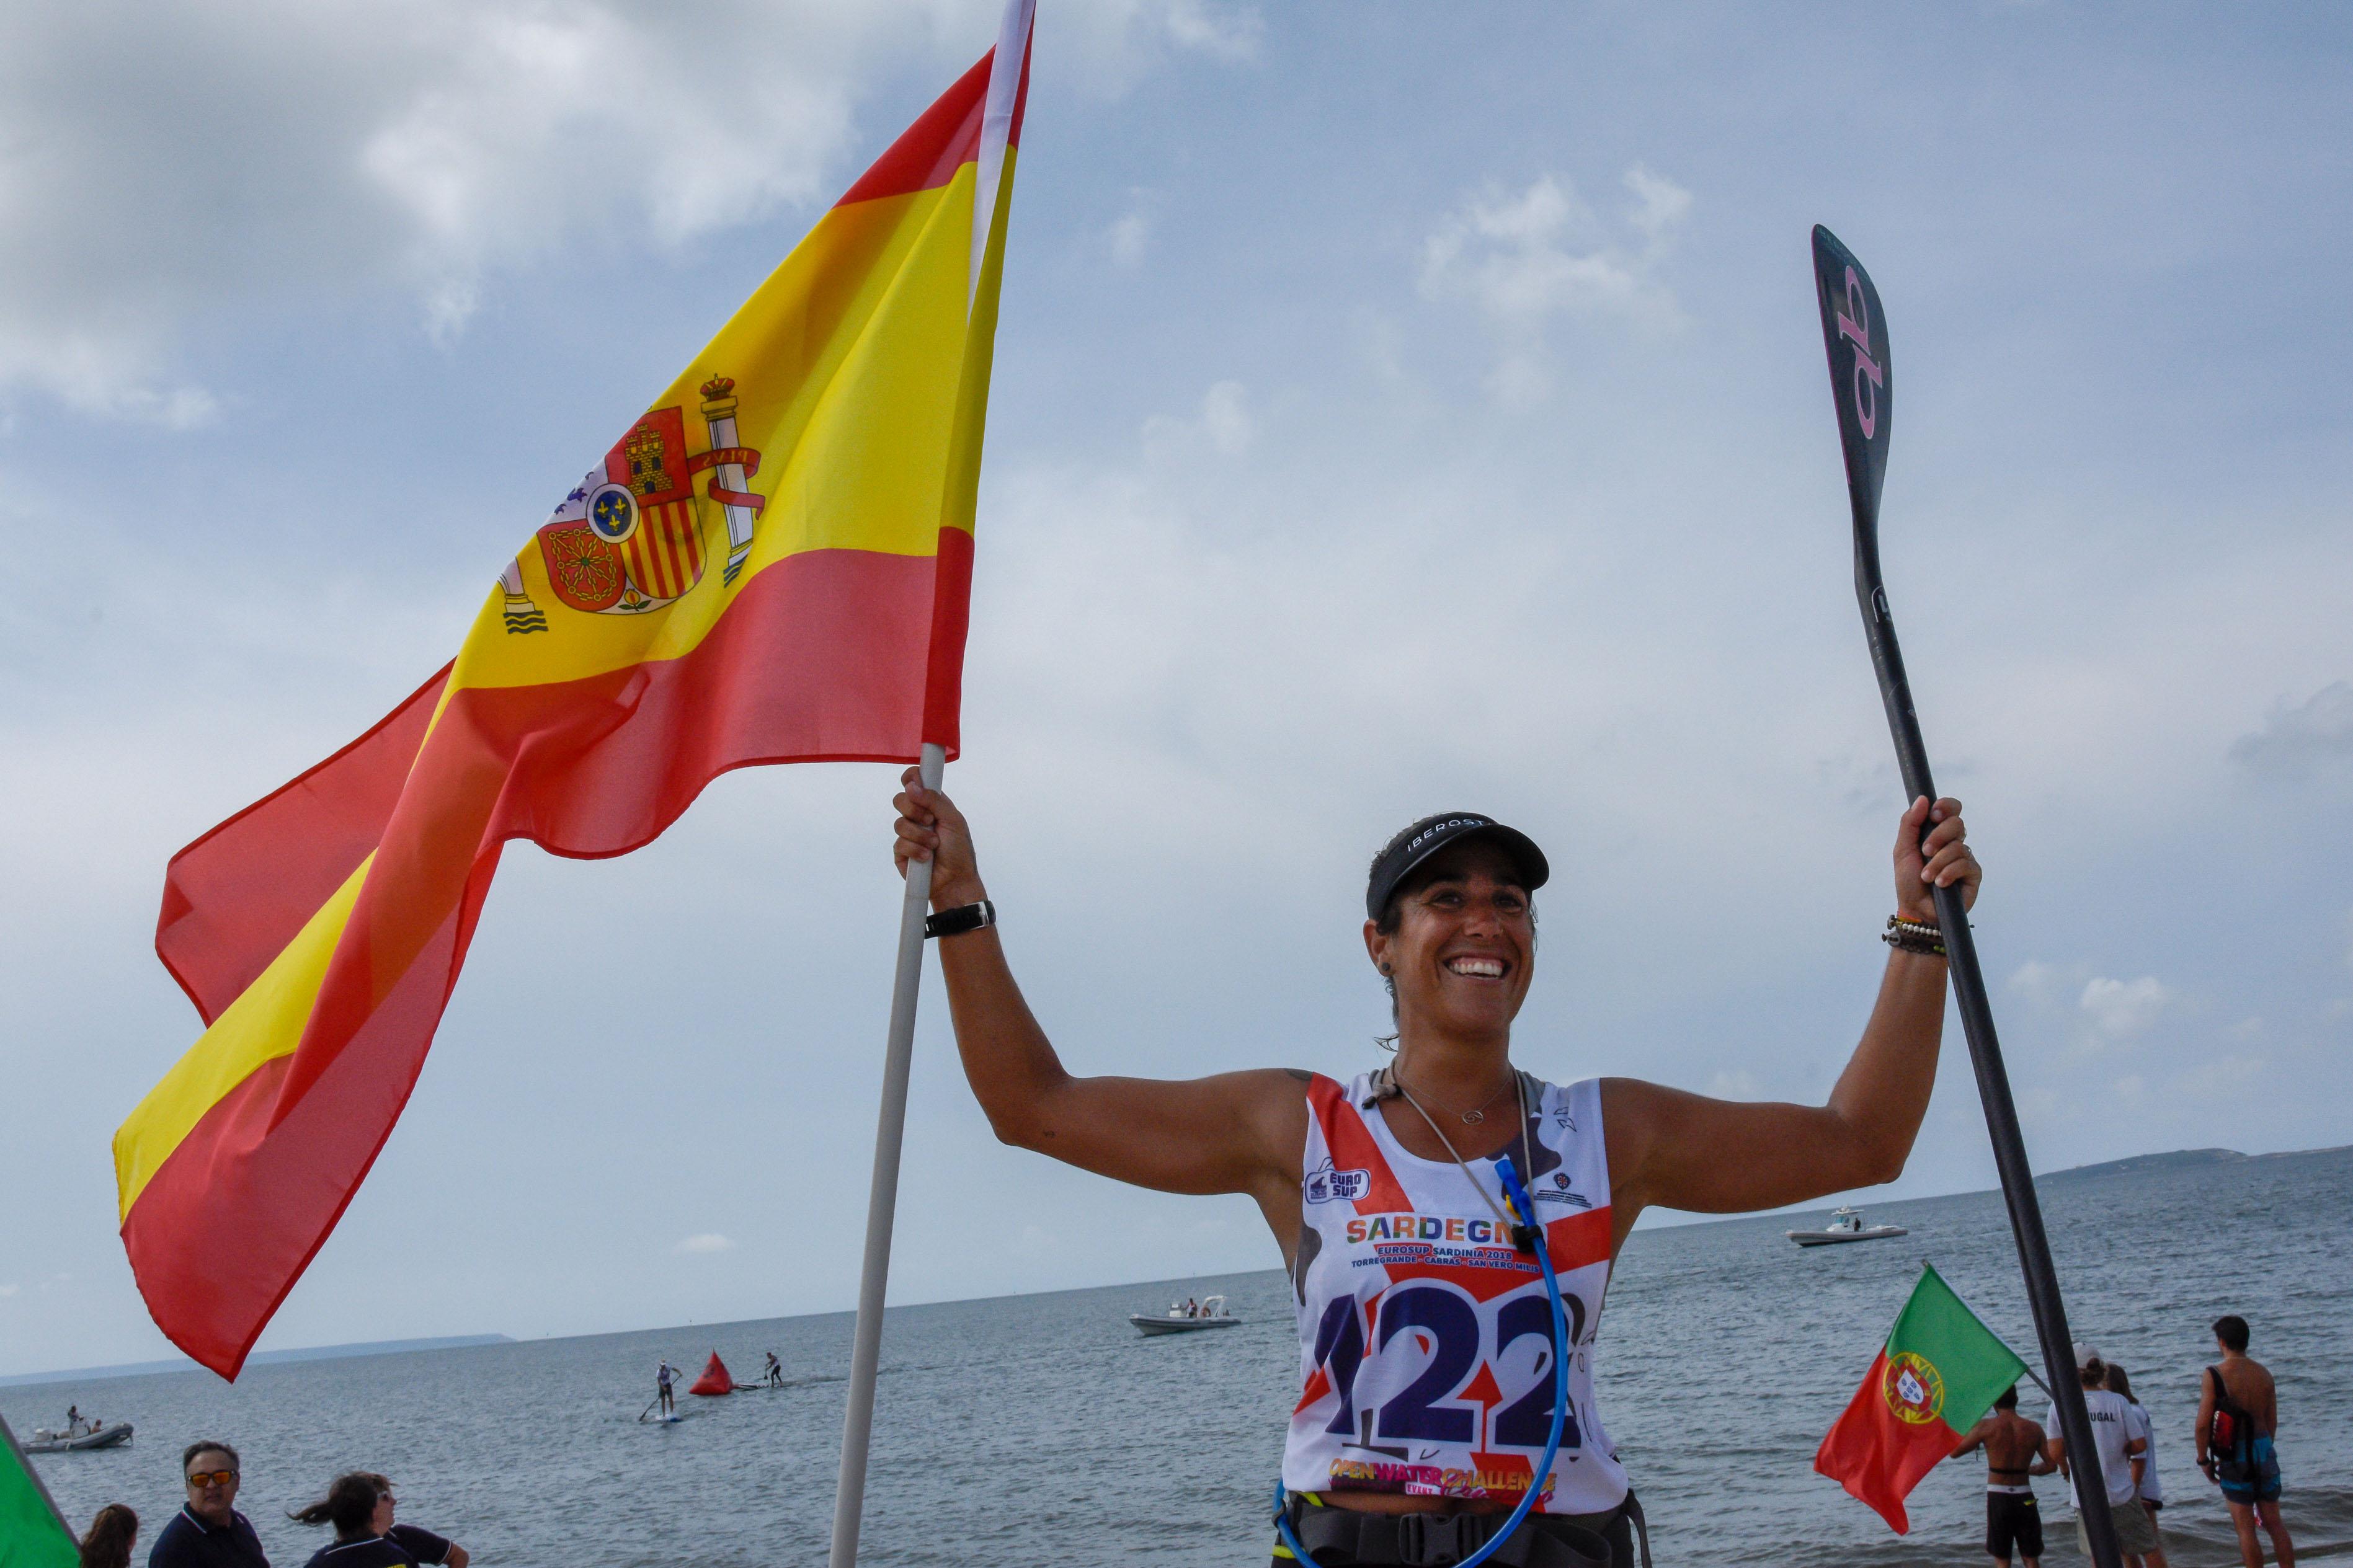 EuroSUP Sardegna 2018 (8)